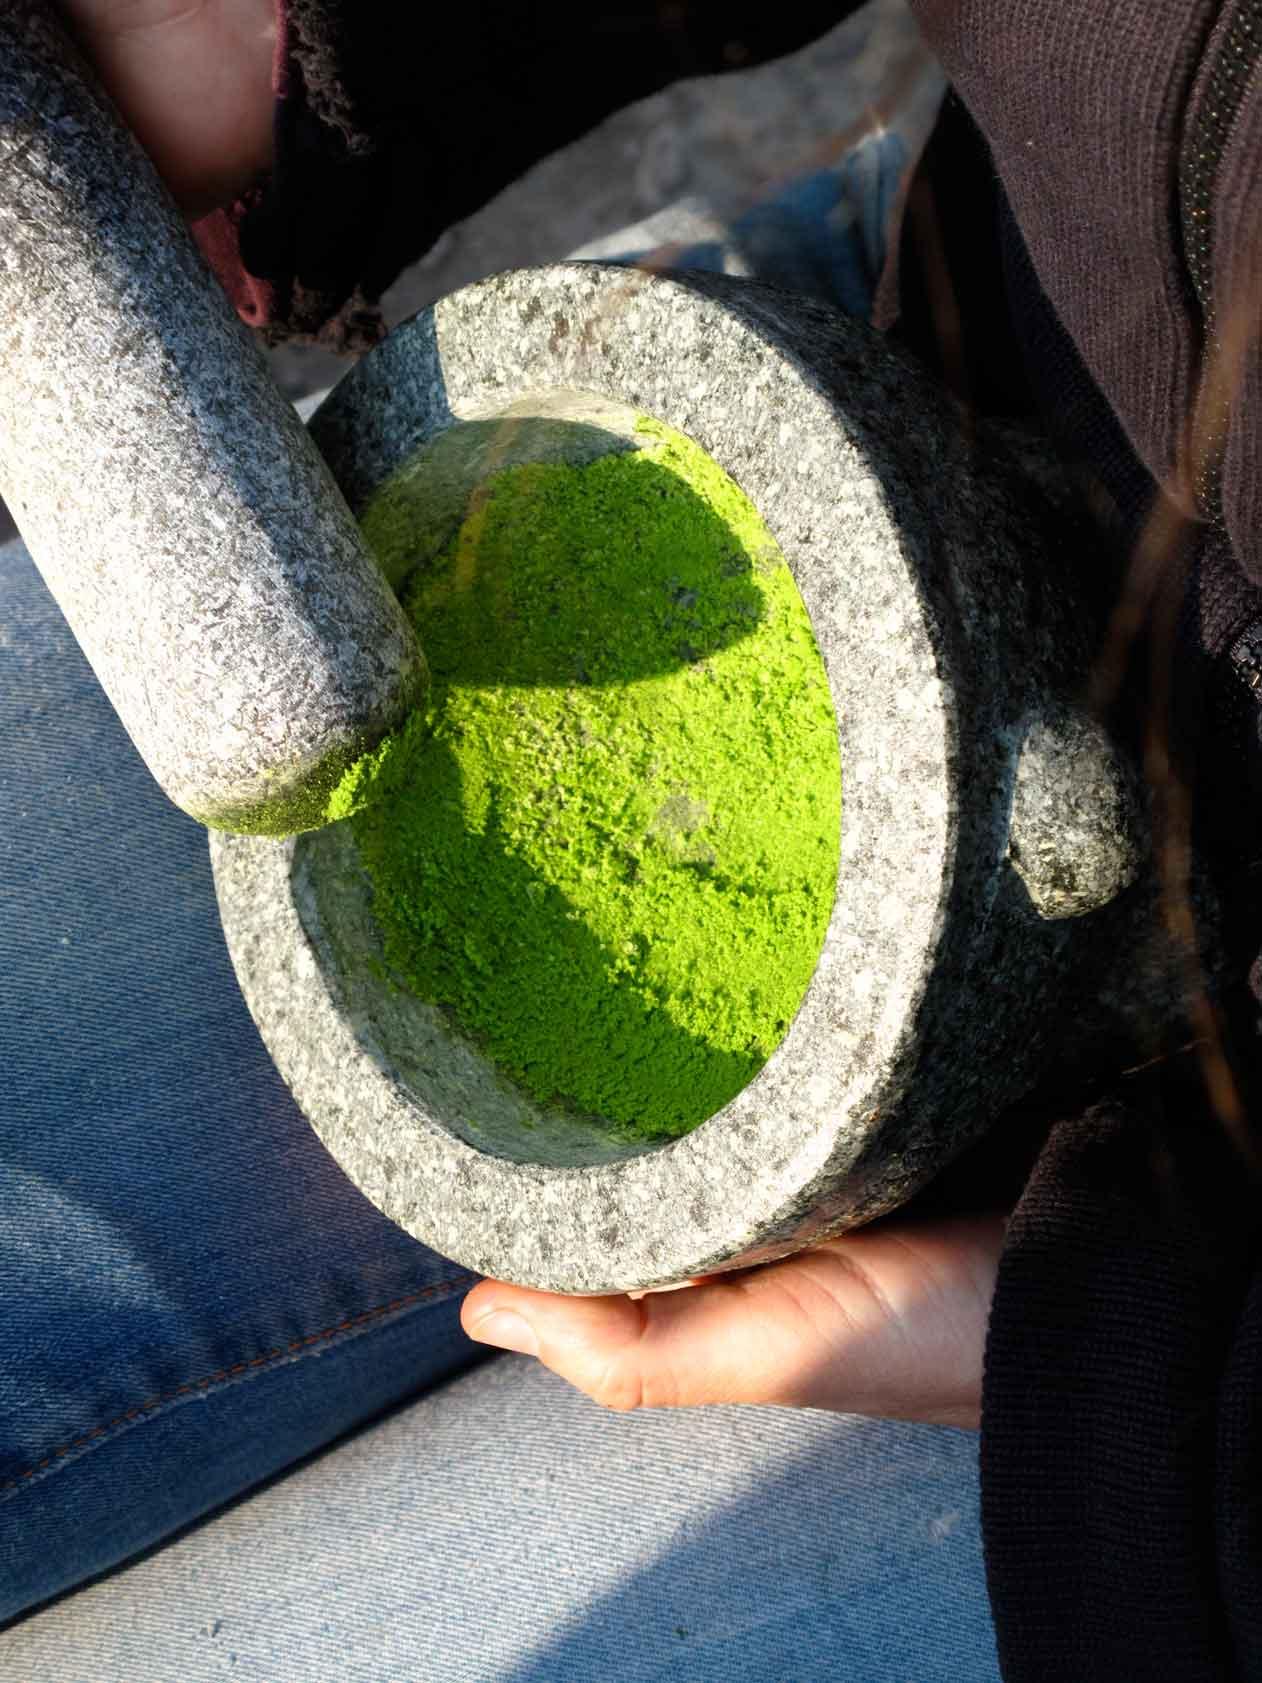 Heilpflanzen Kurs Heilkraeuter und Wildkraeuter verarbeiten und sammeln